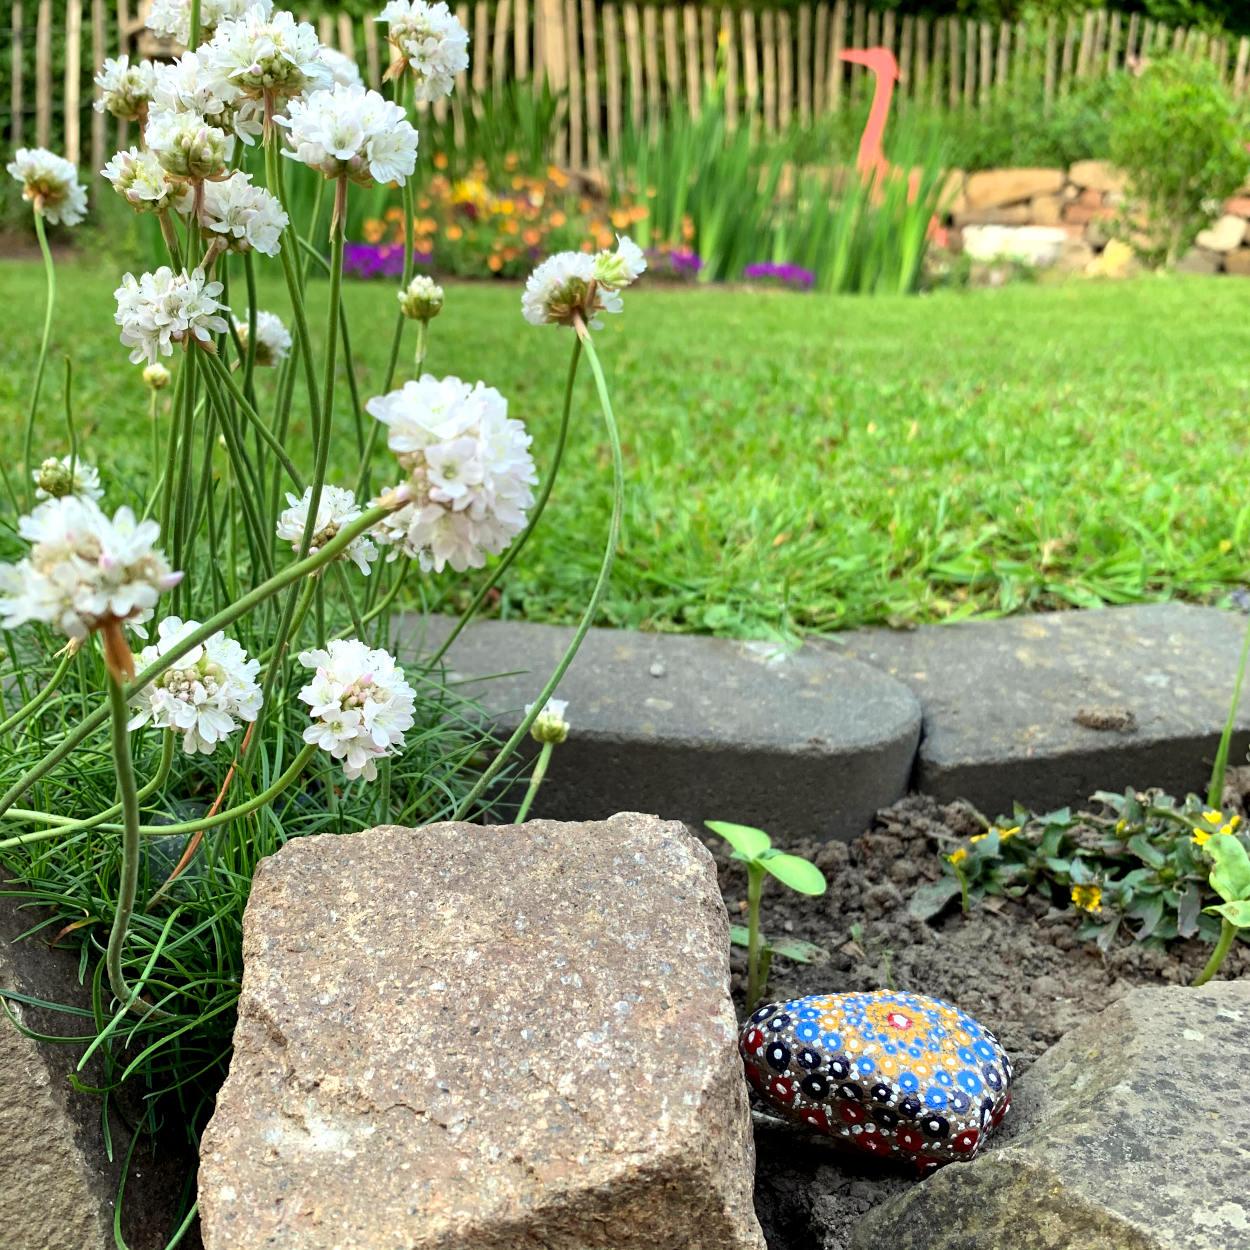 Mit Pünnktchen bemalter Stein im Gartenbeet